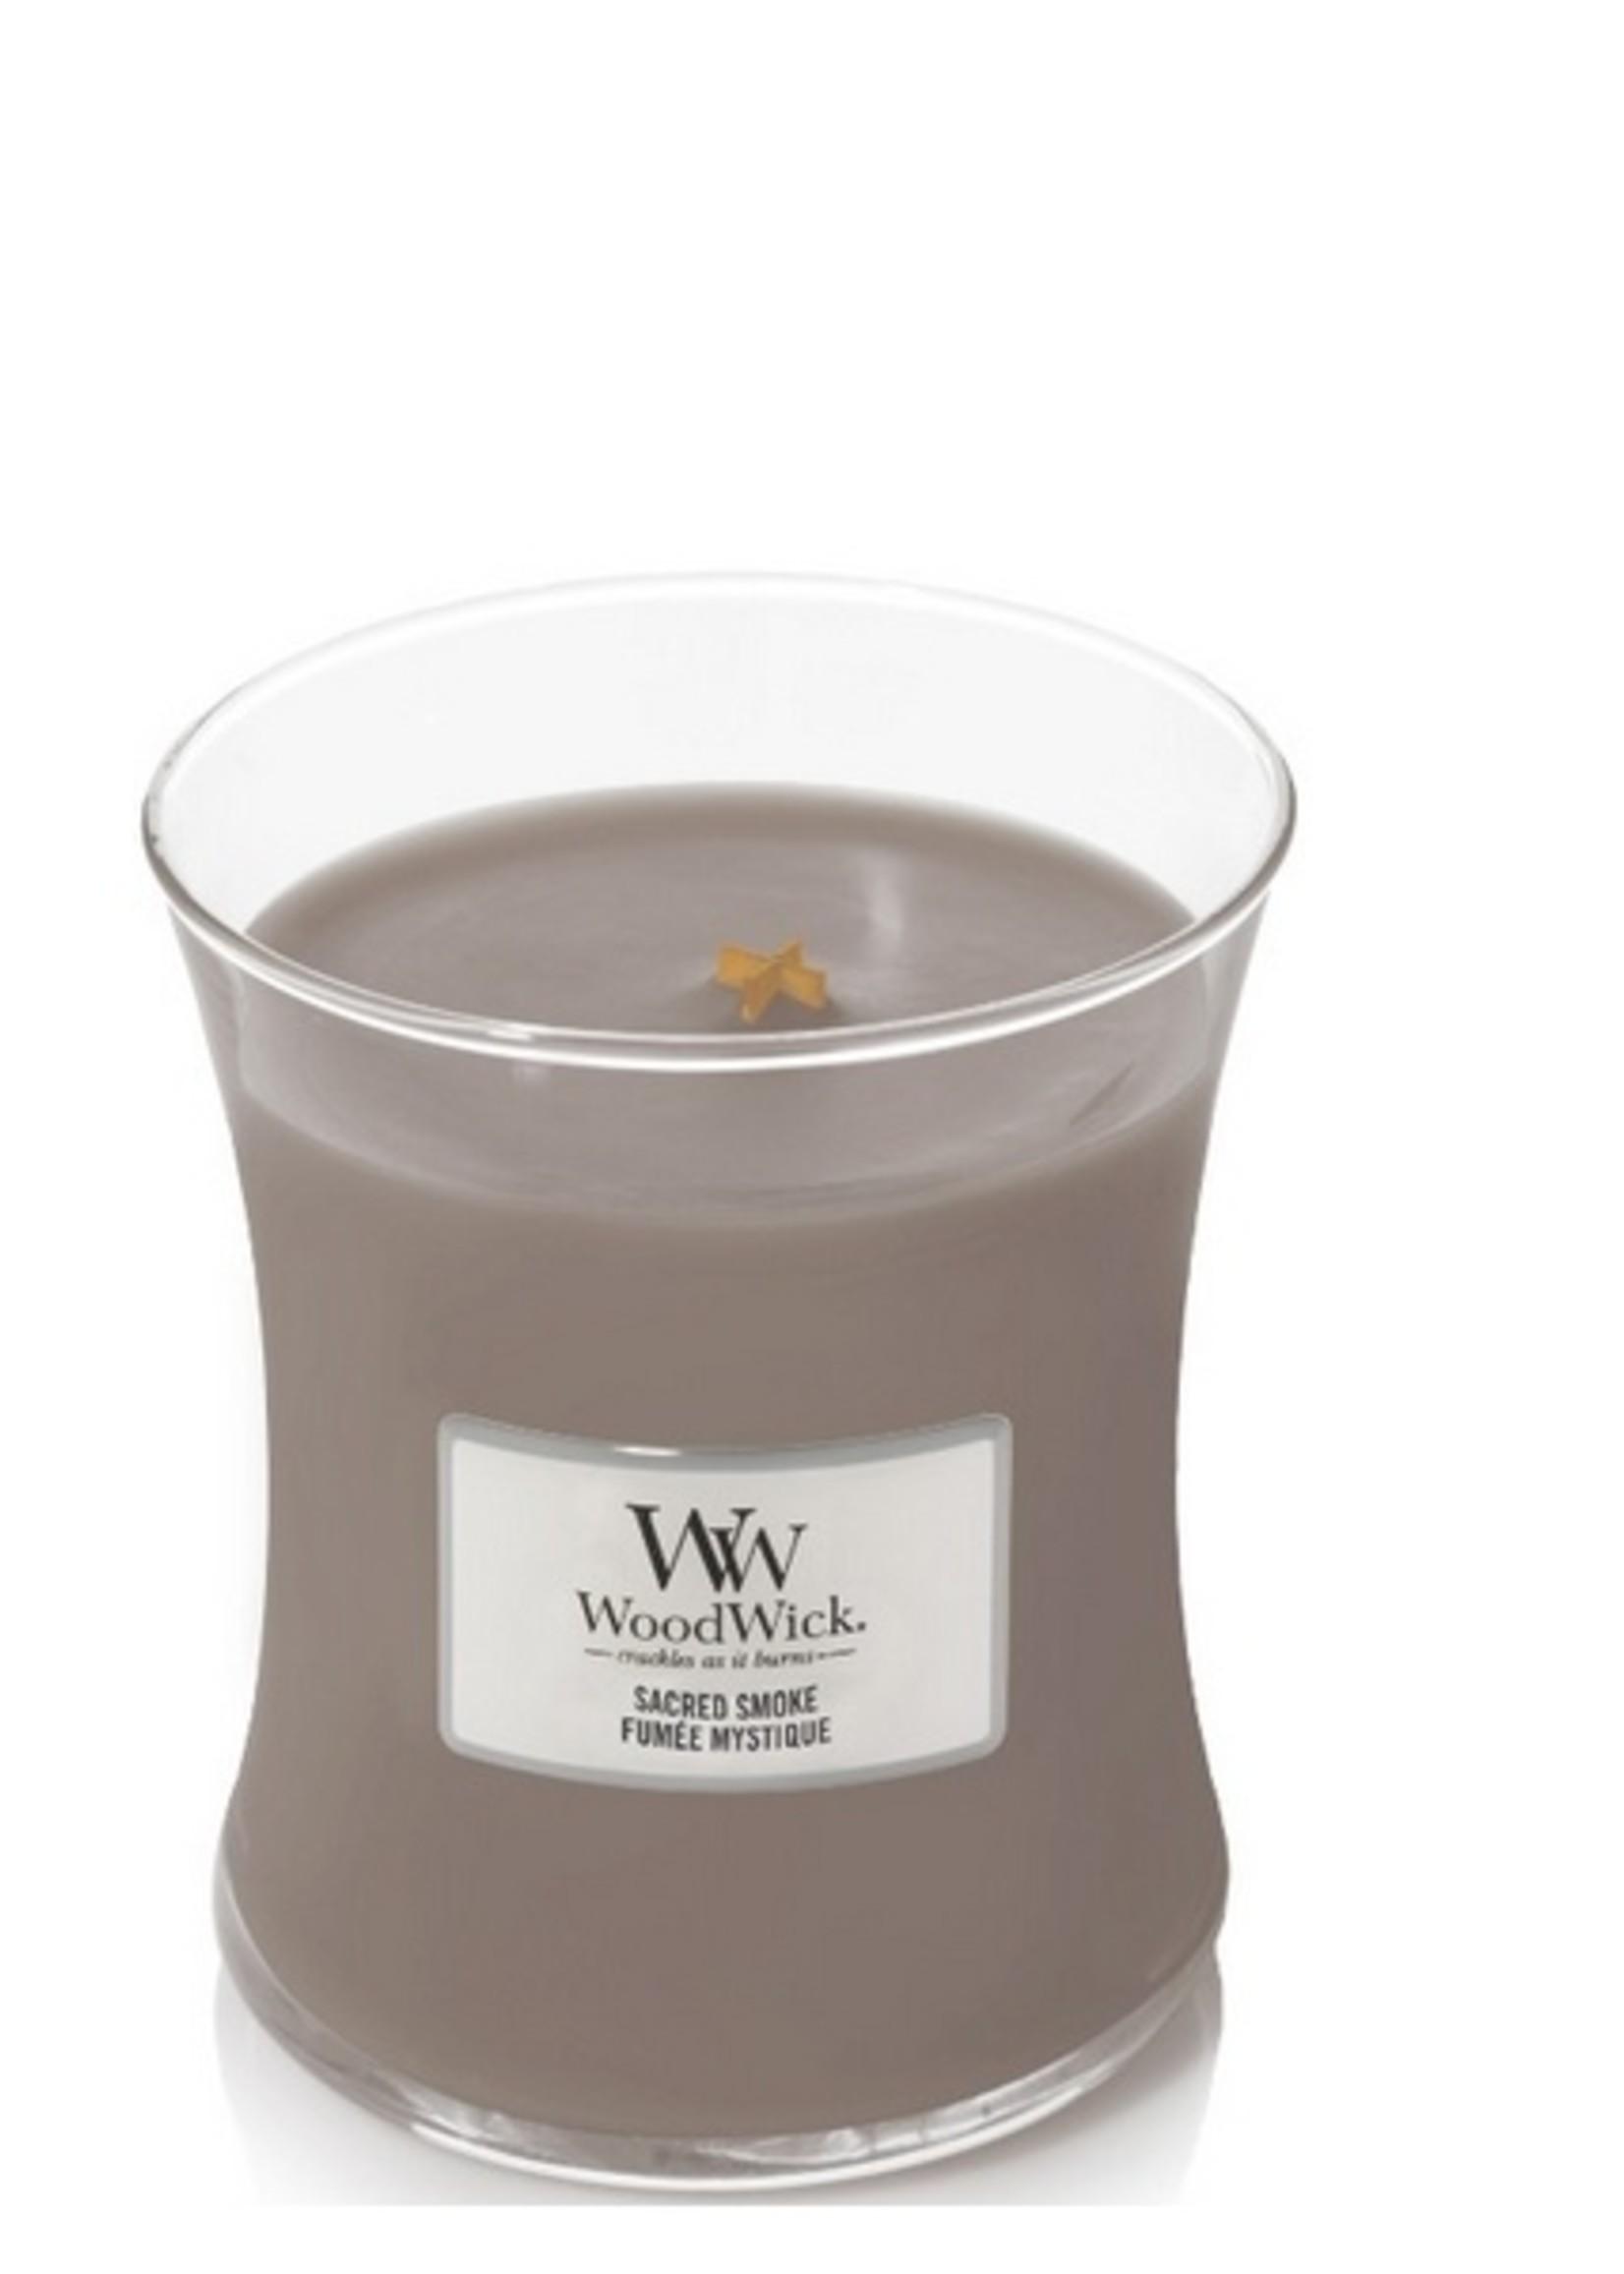 Woodwick Woodwick Sacred Smoke Mini Candle